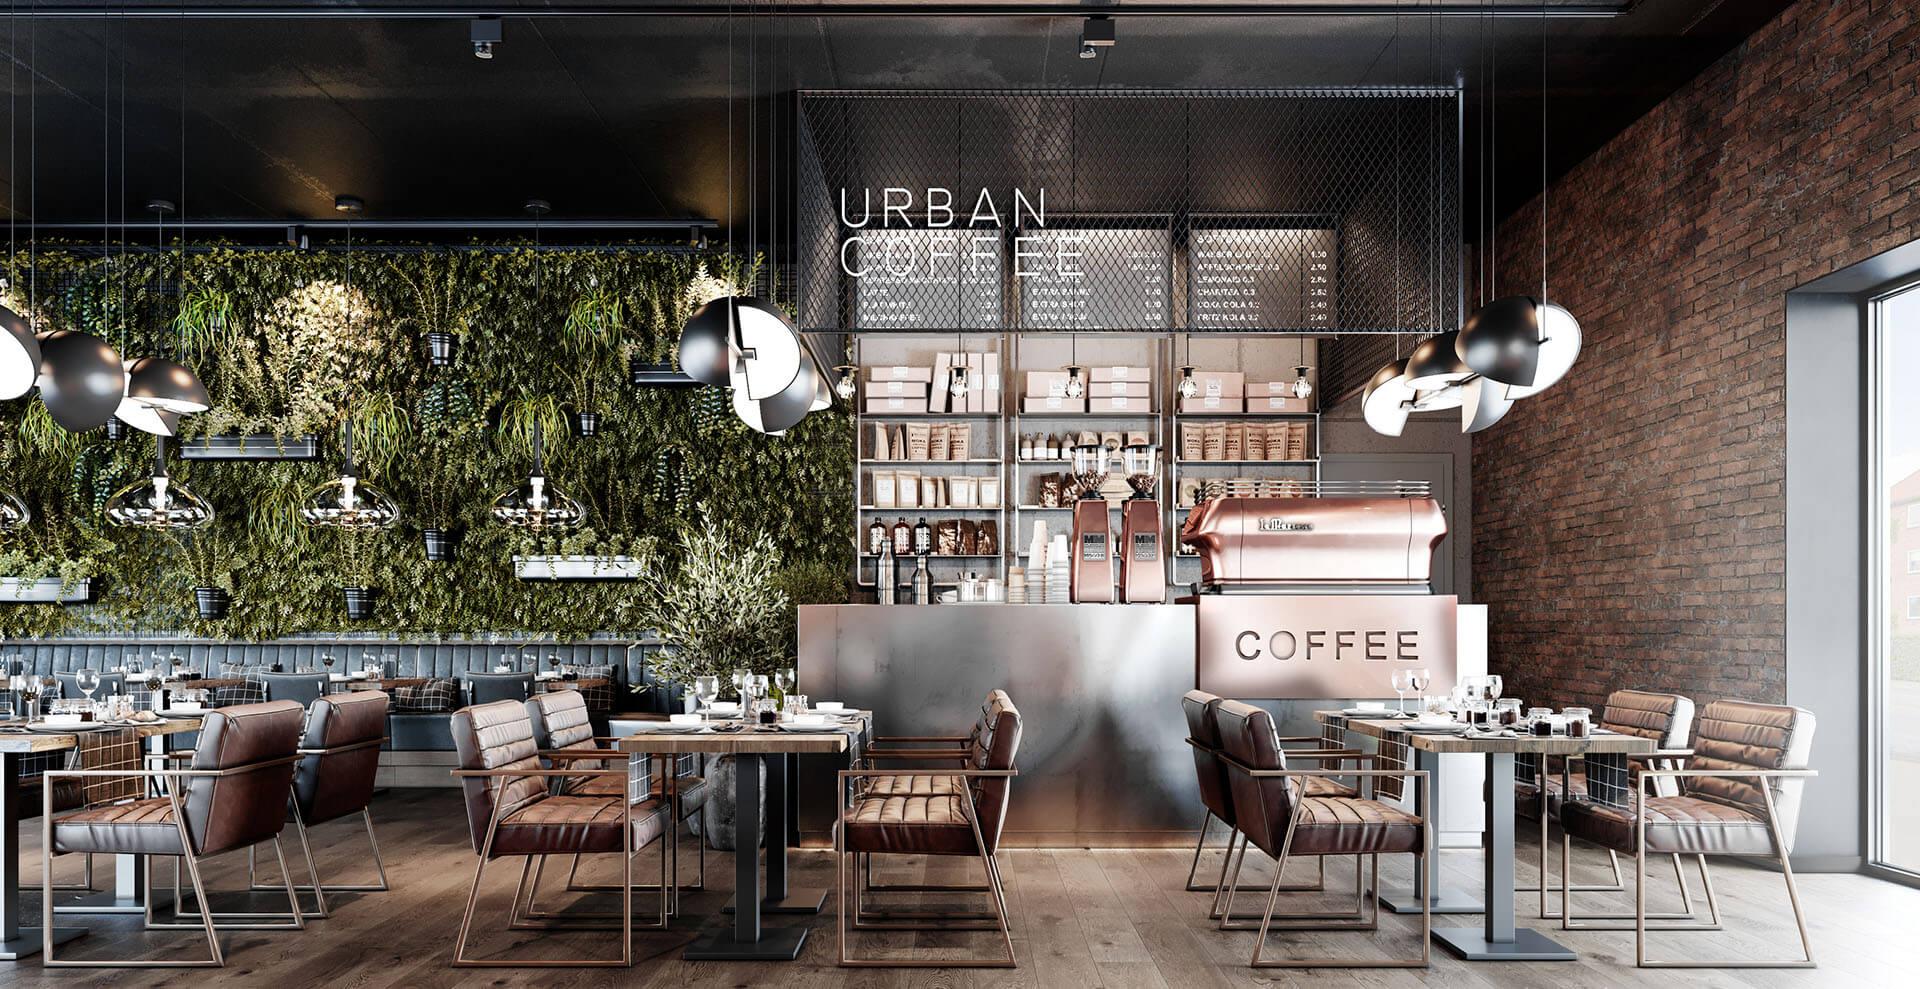 3D-Vizual | 3D Visualisering | Cafe indretning | HOTEL & RESTAURANT 4.1 - Cafe Herlev